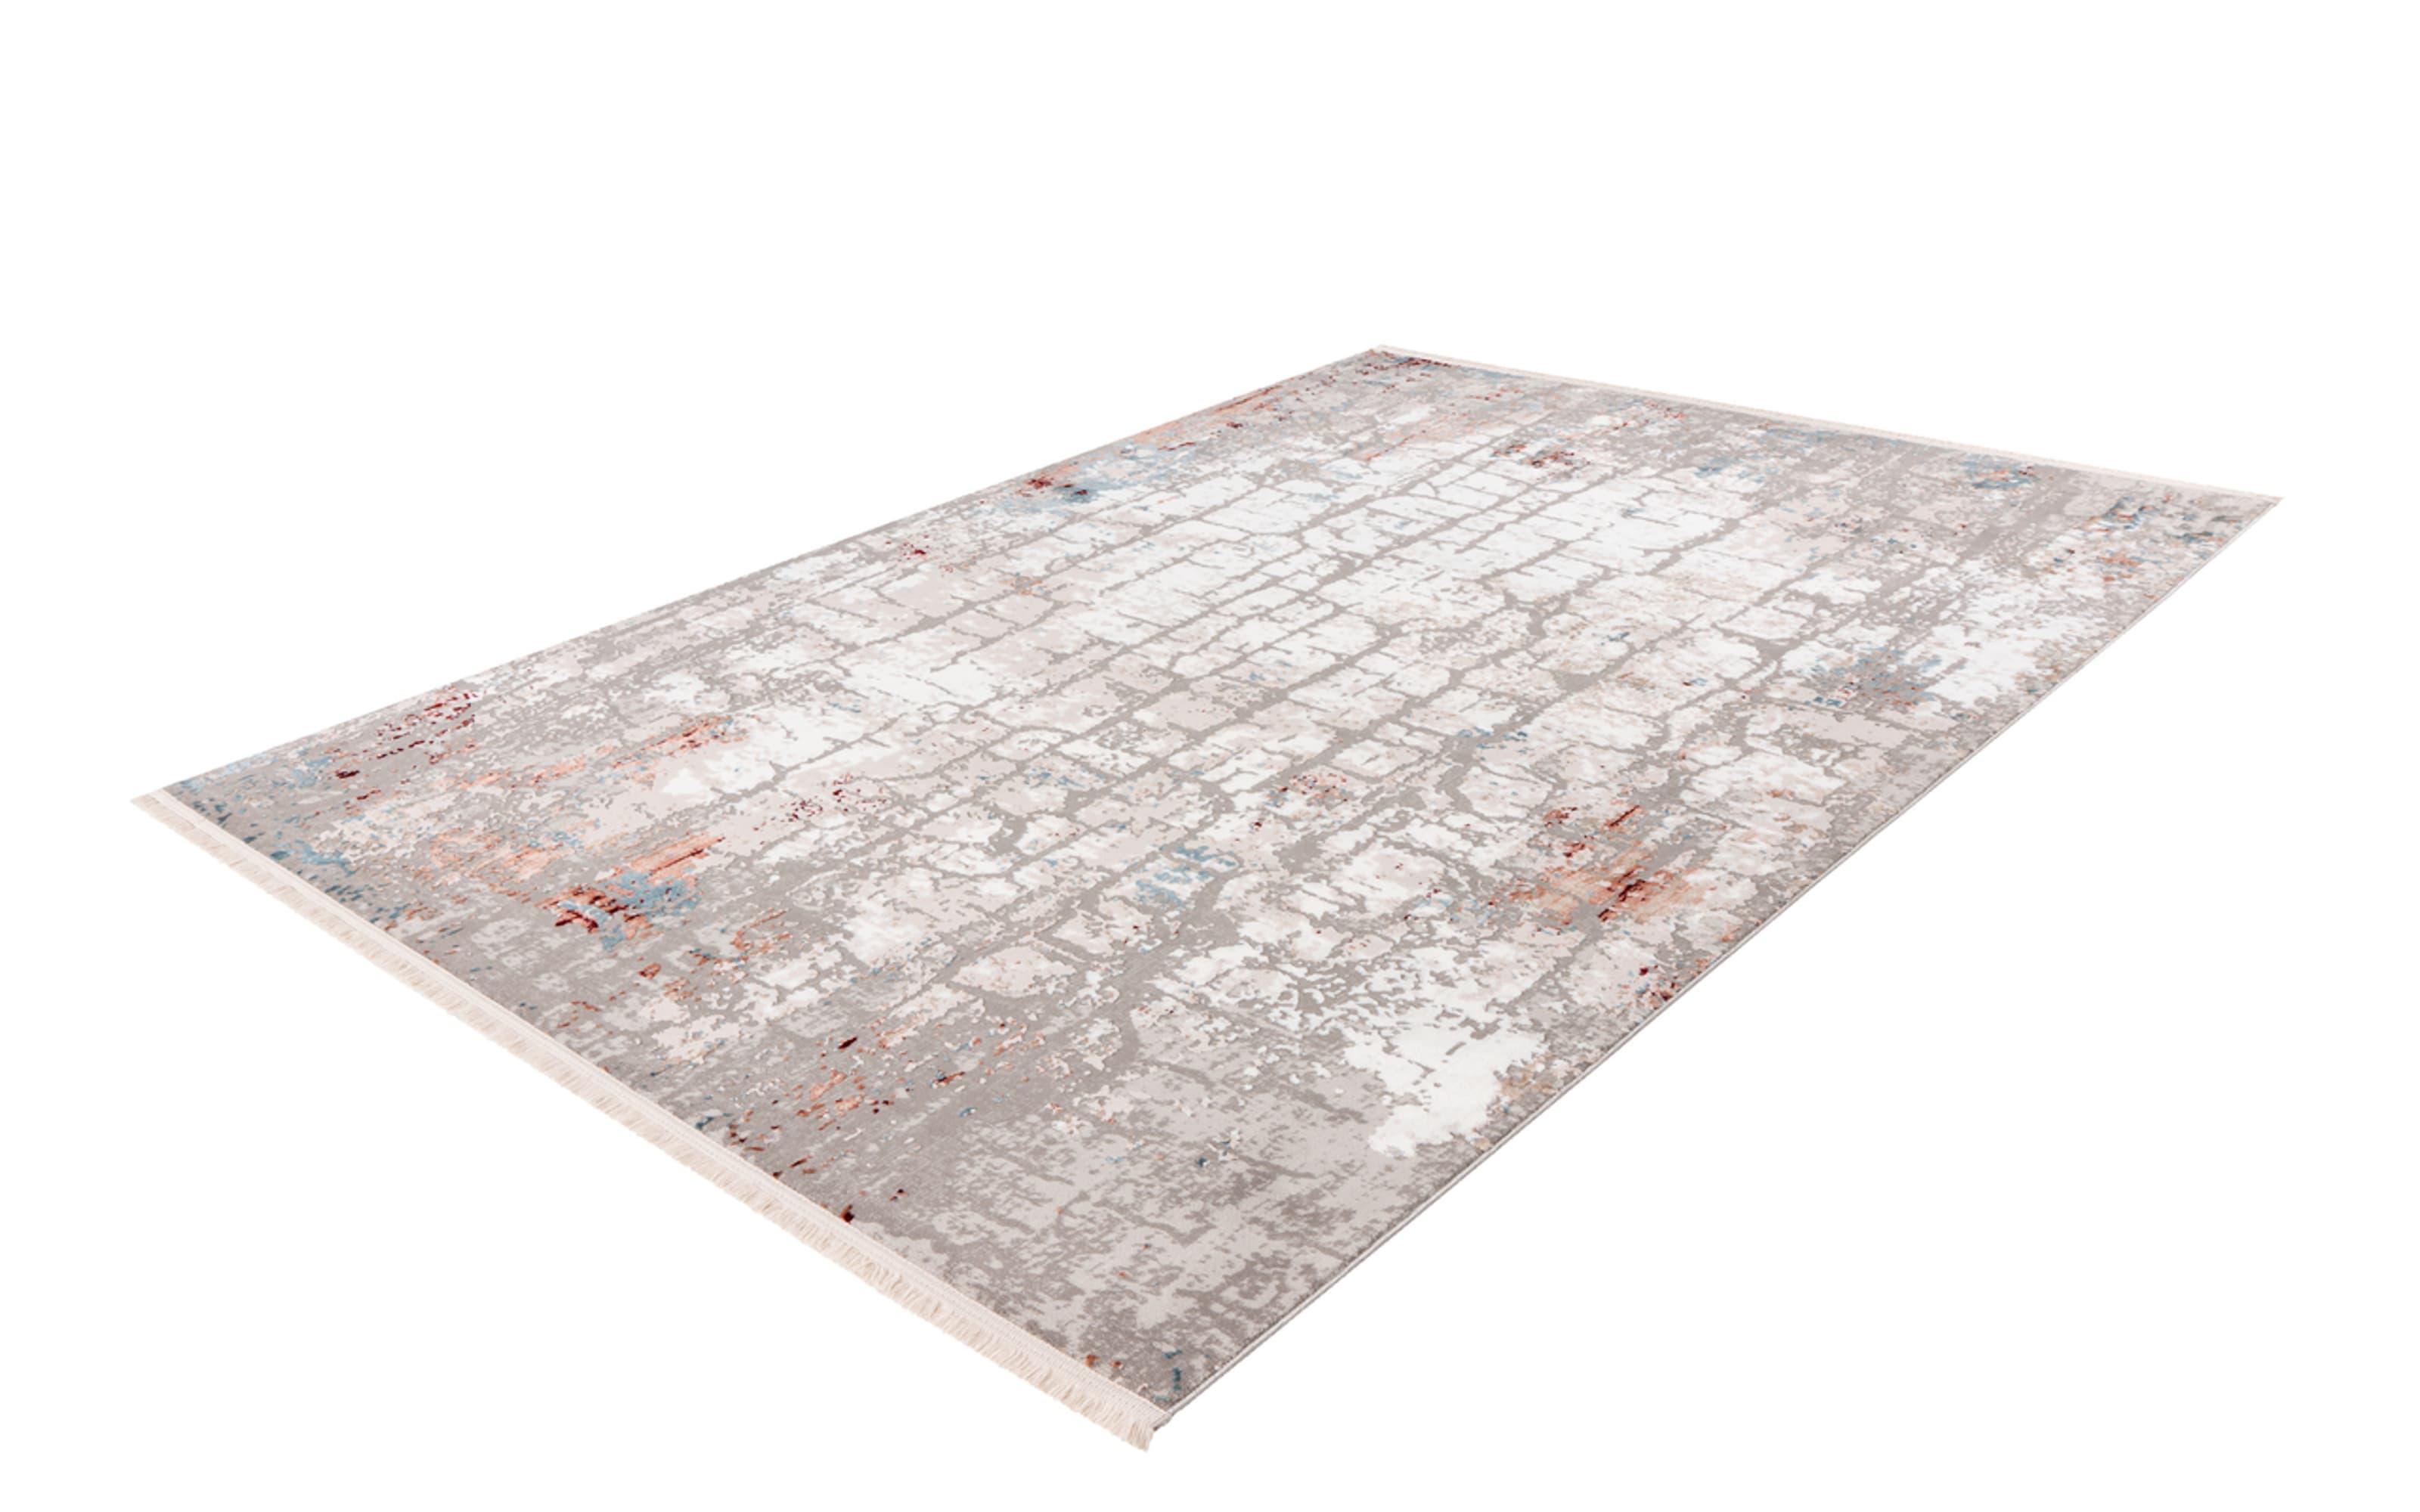 Teppich Akropolis 125 in grau/lachsrosa, ca. 120 x 180 cm